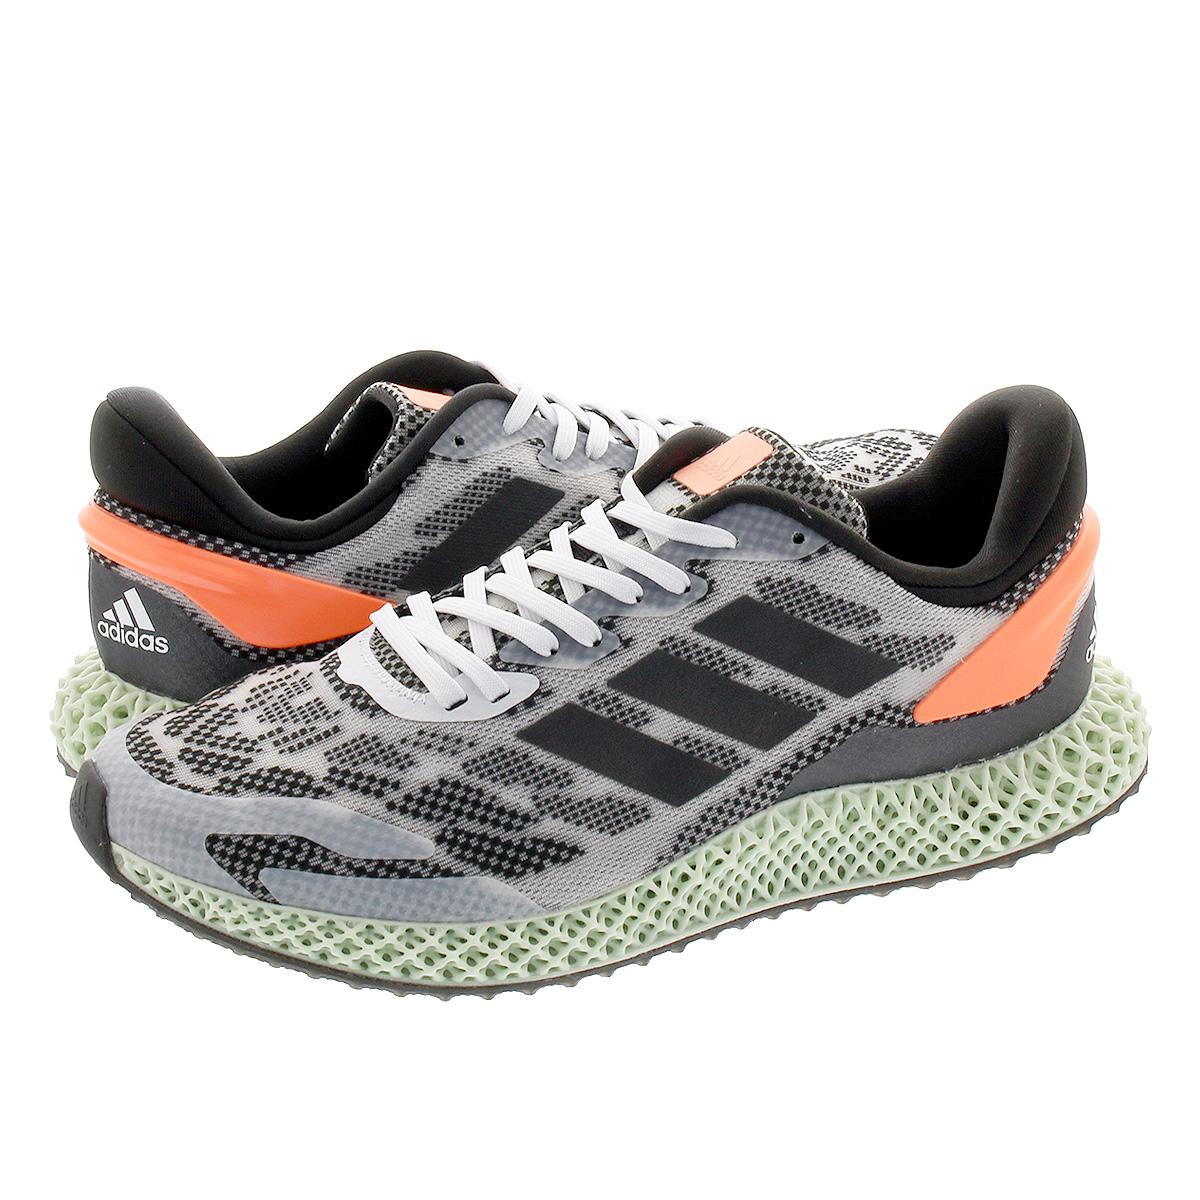 【スーパーSALE】adidas 4D RUN 1.0 アディダス 4D ラン 1.0 FTWR WHITE/CORE BLACK/SIGNAL CORAL fw1233